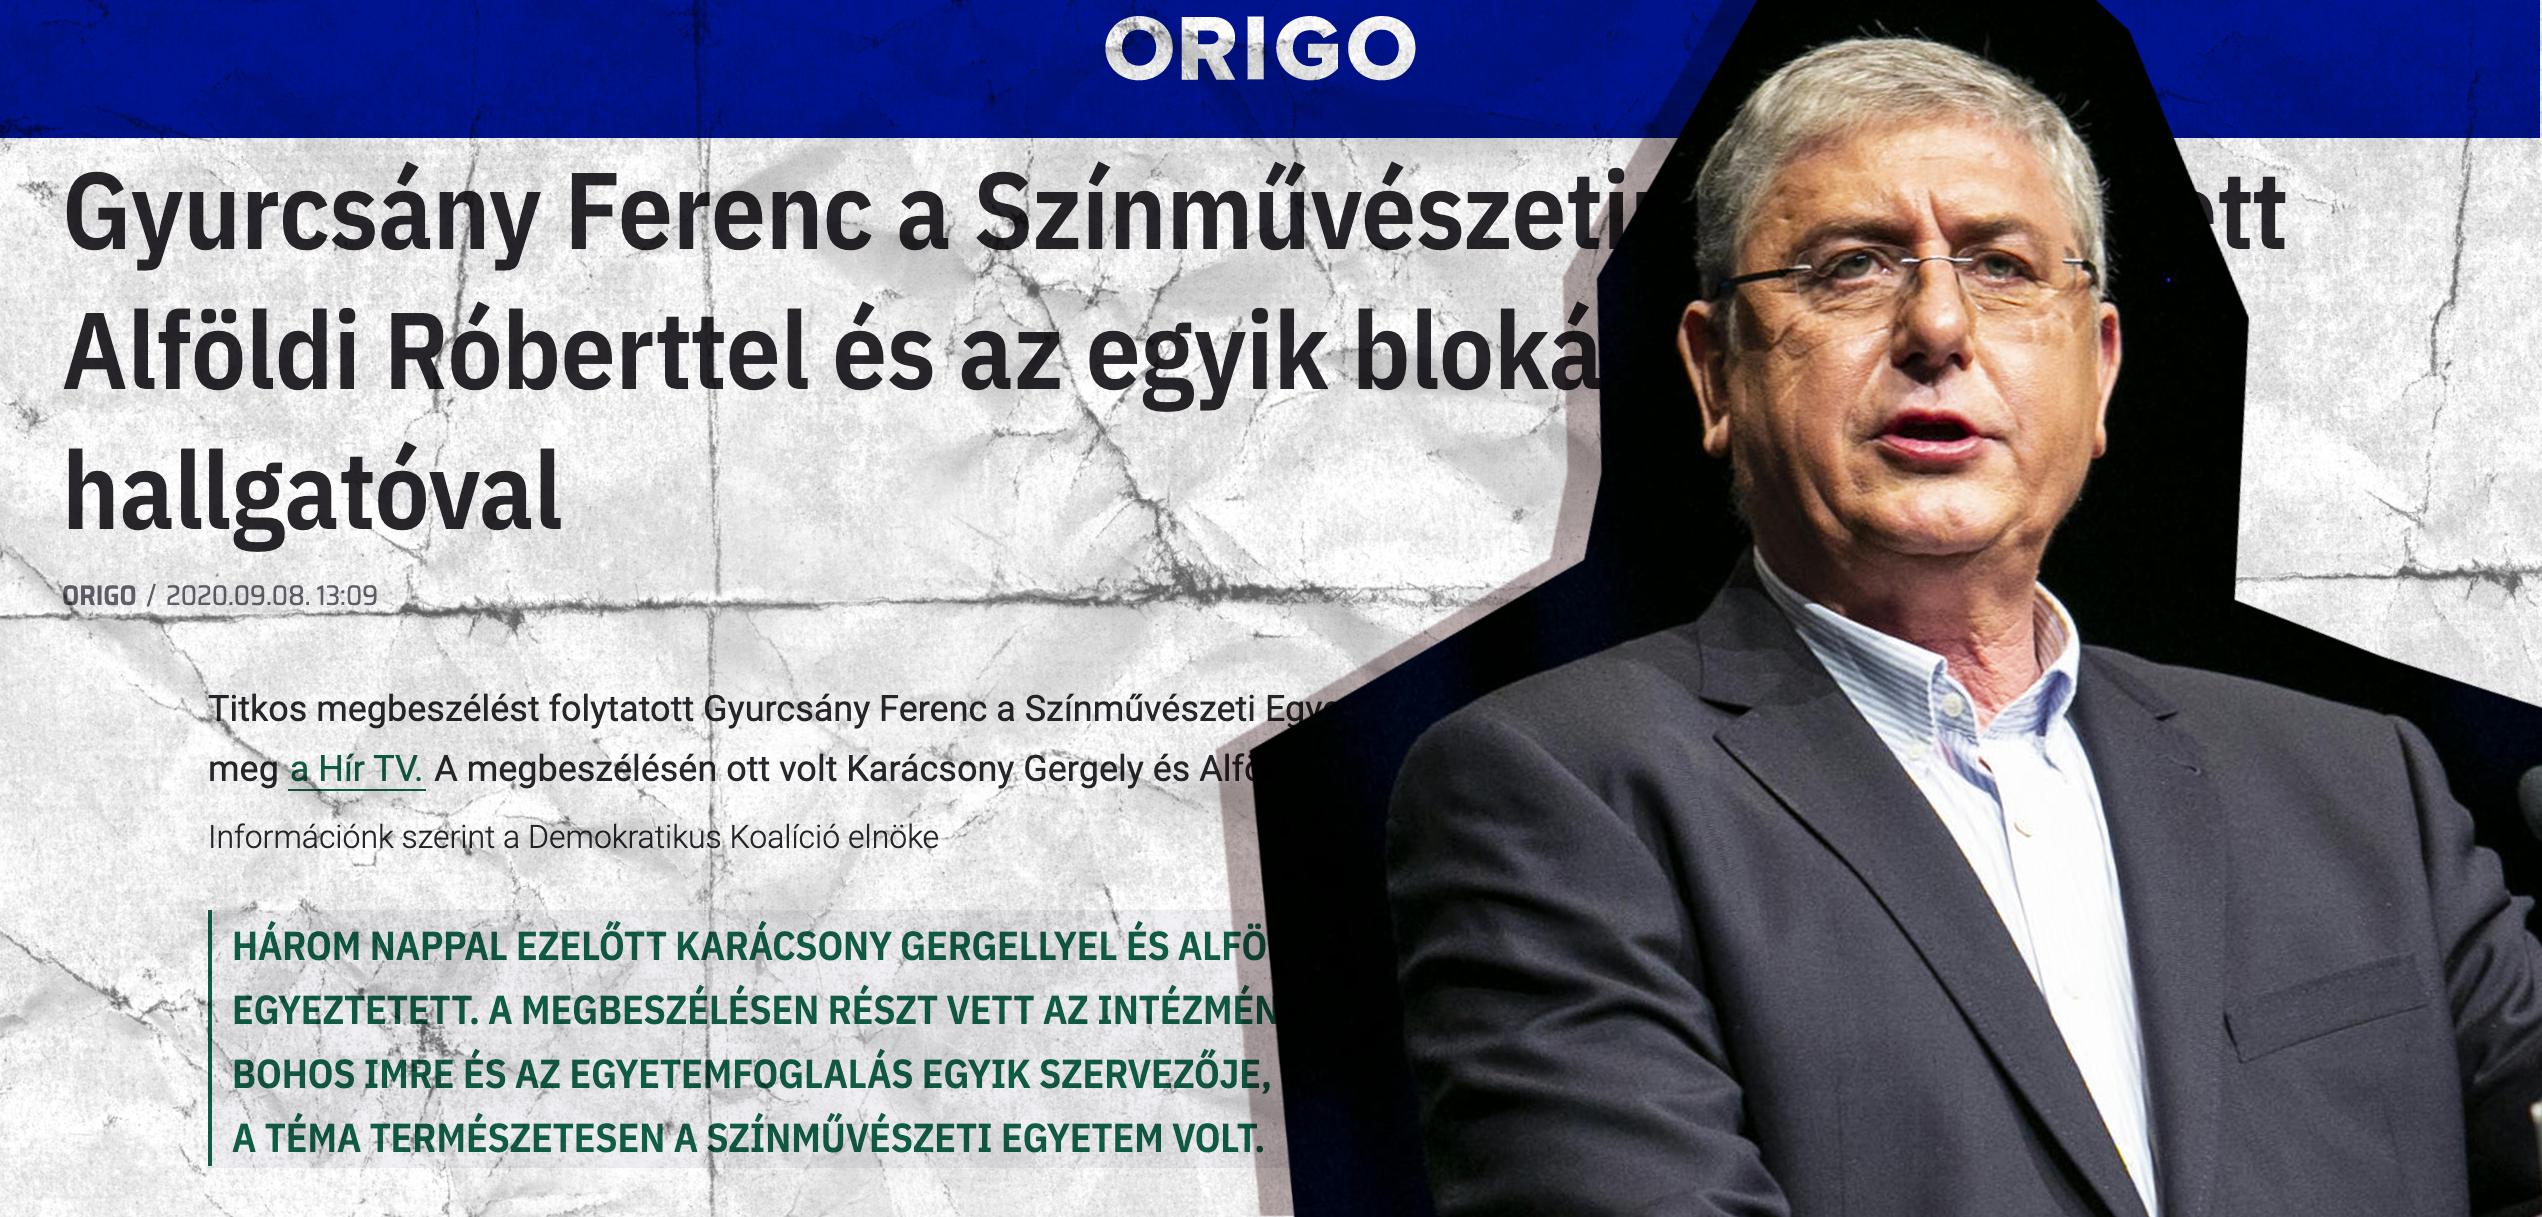 Hazudott az Origo, mikor arról írt, hogy Gyurcsány összeesküvése áll az SZFE-s tüntetések mögött